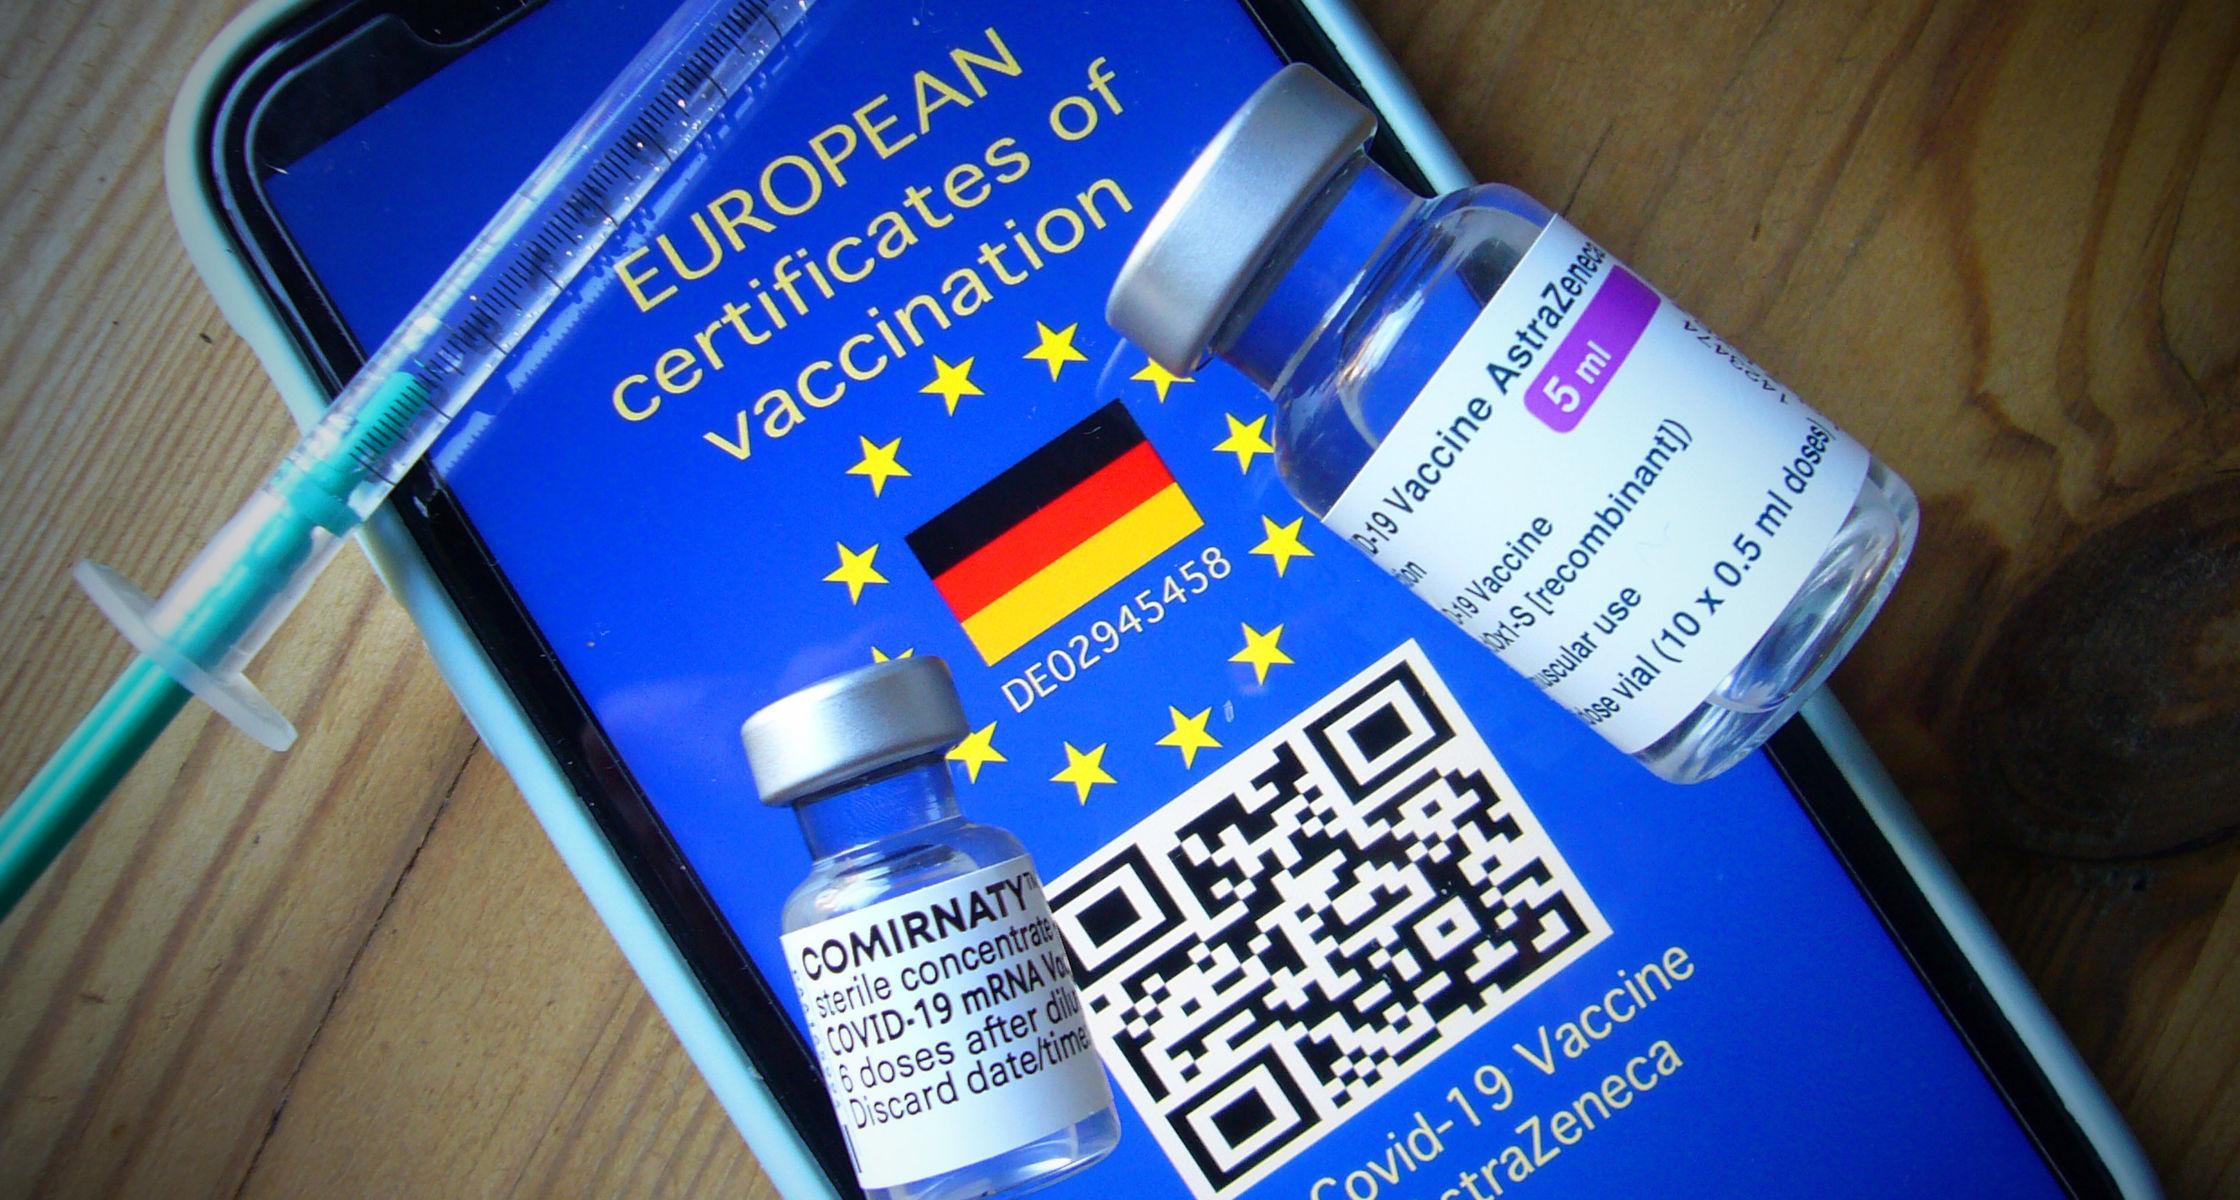 Digitaler Impfnachweis So Bekommen Bereits Vollstandig Geimpfte Den